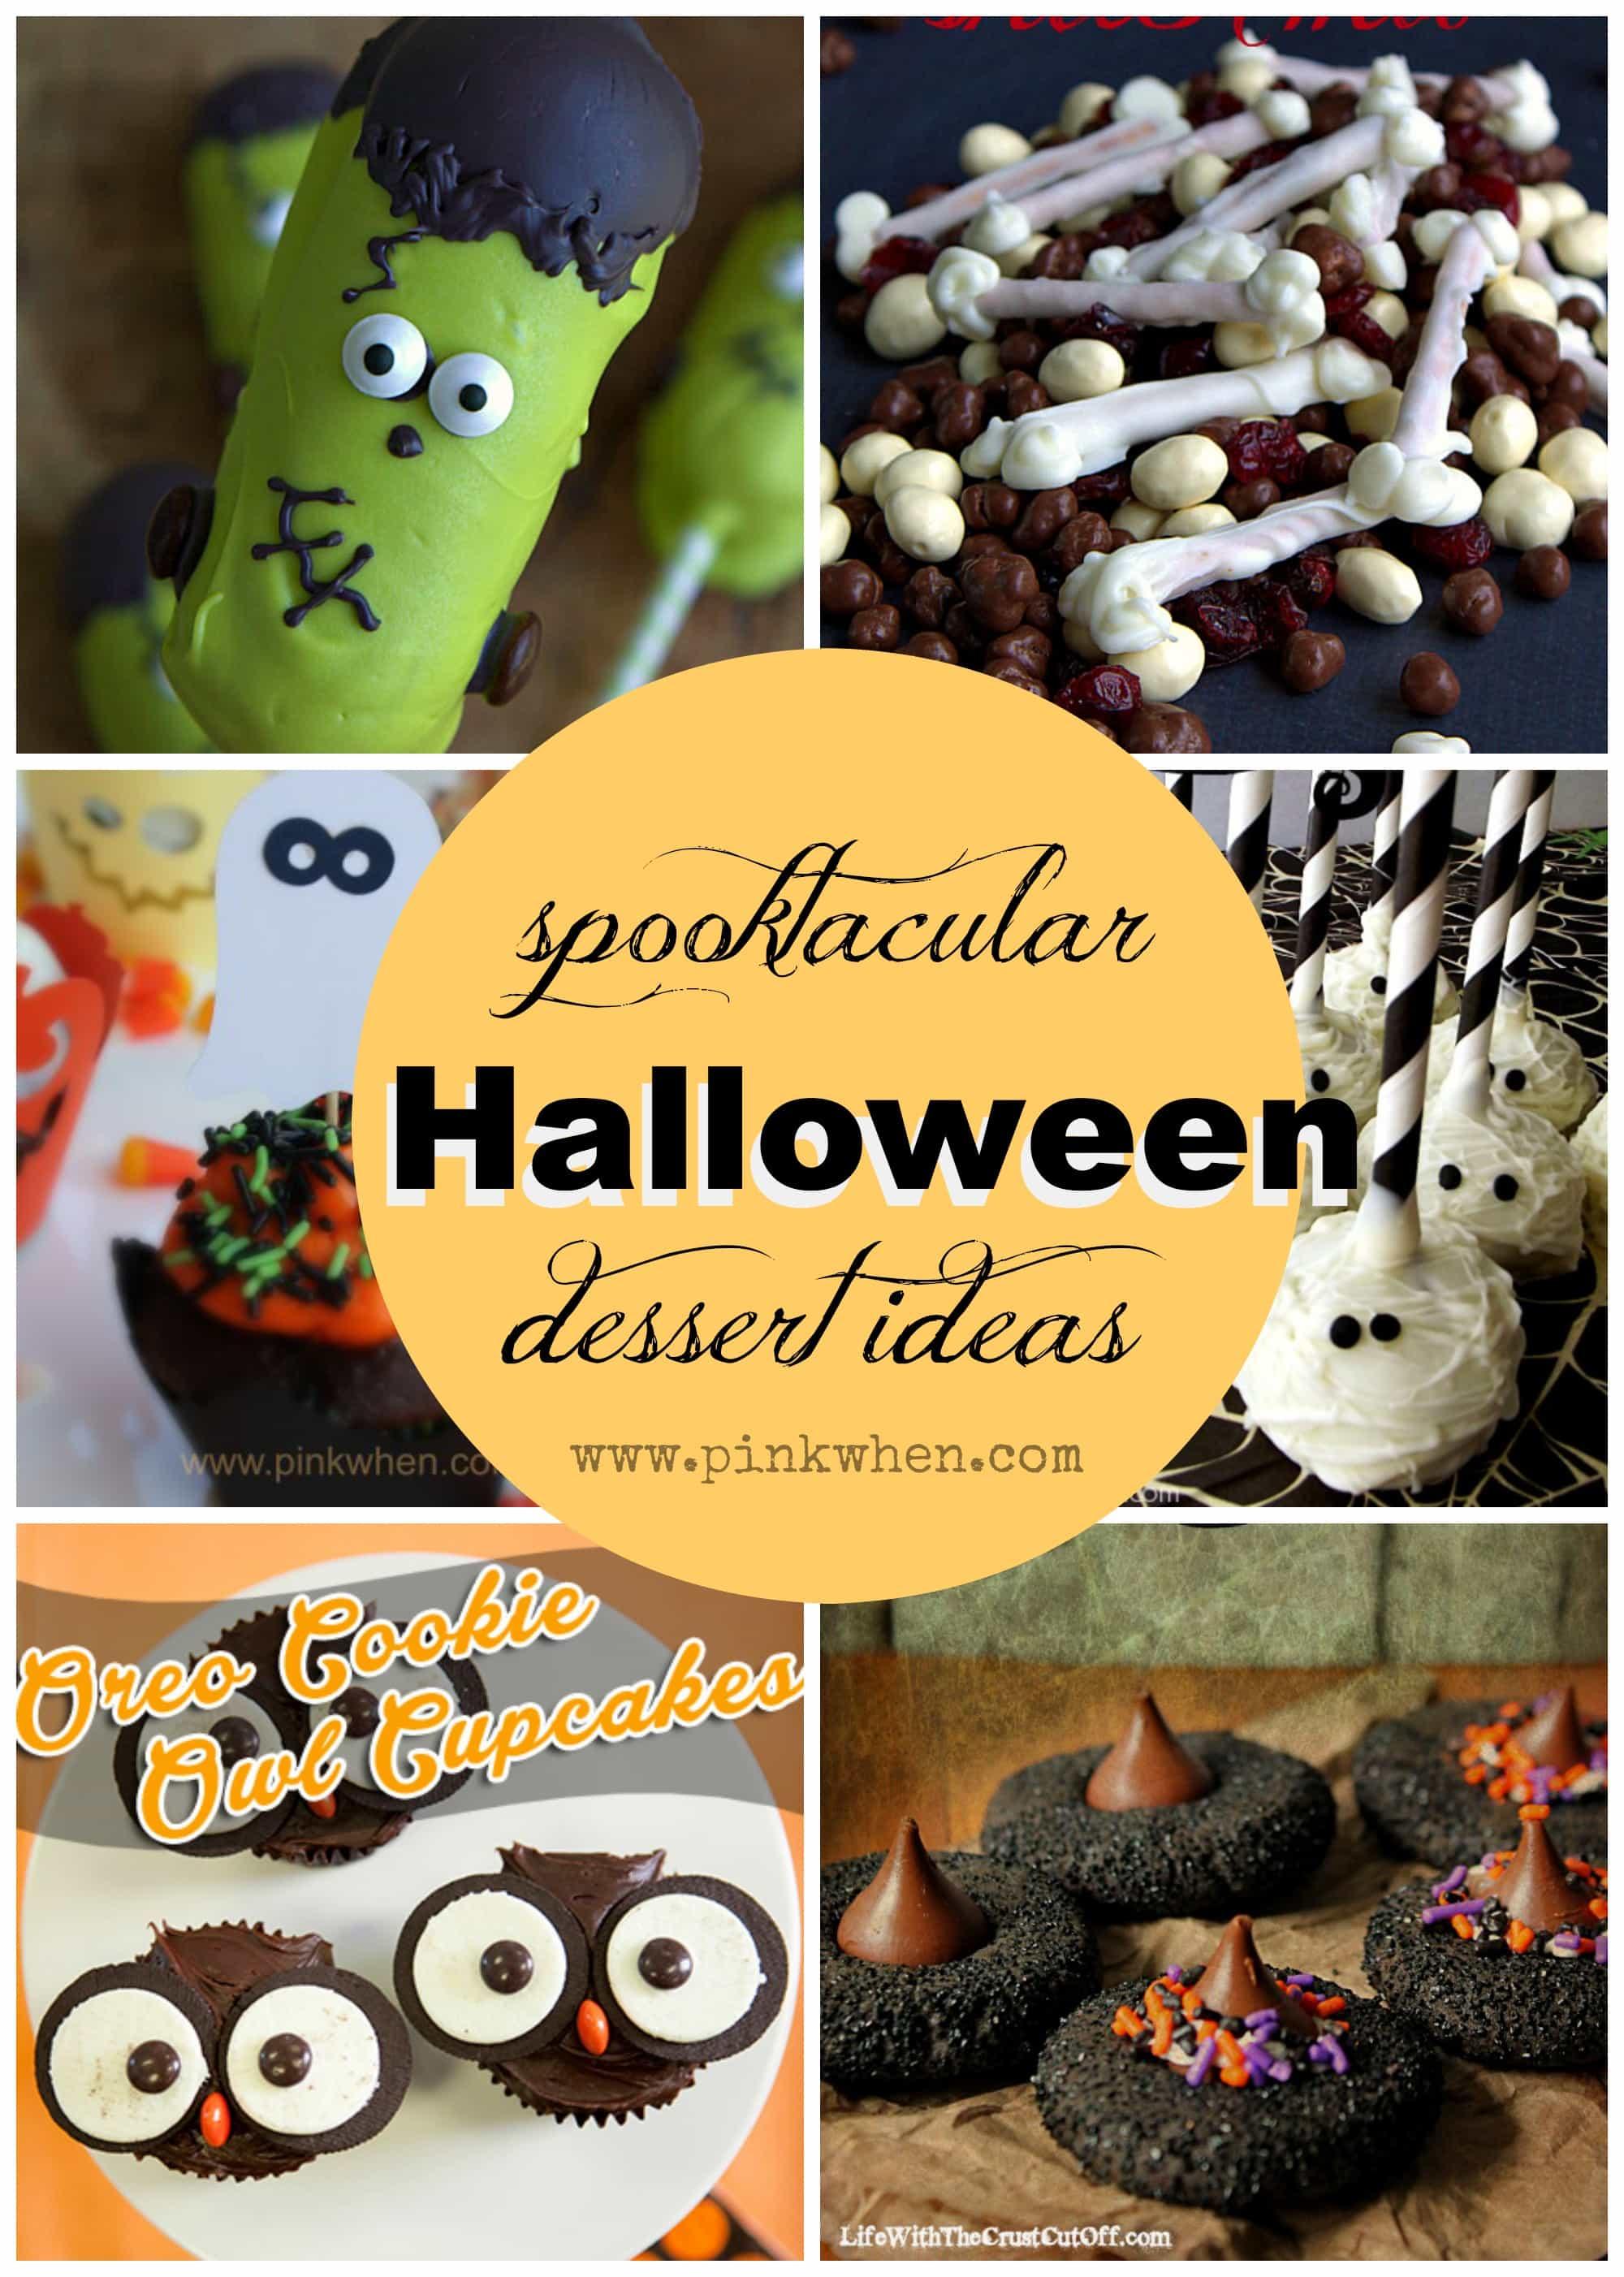 Halloween Dessert Ideas - PinkWhen